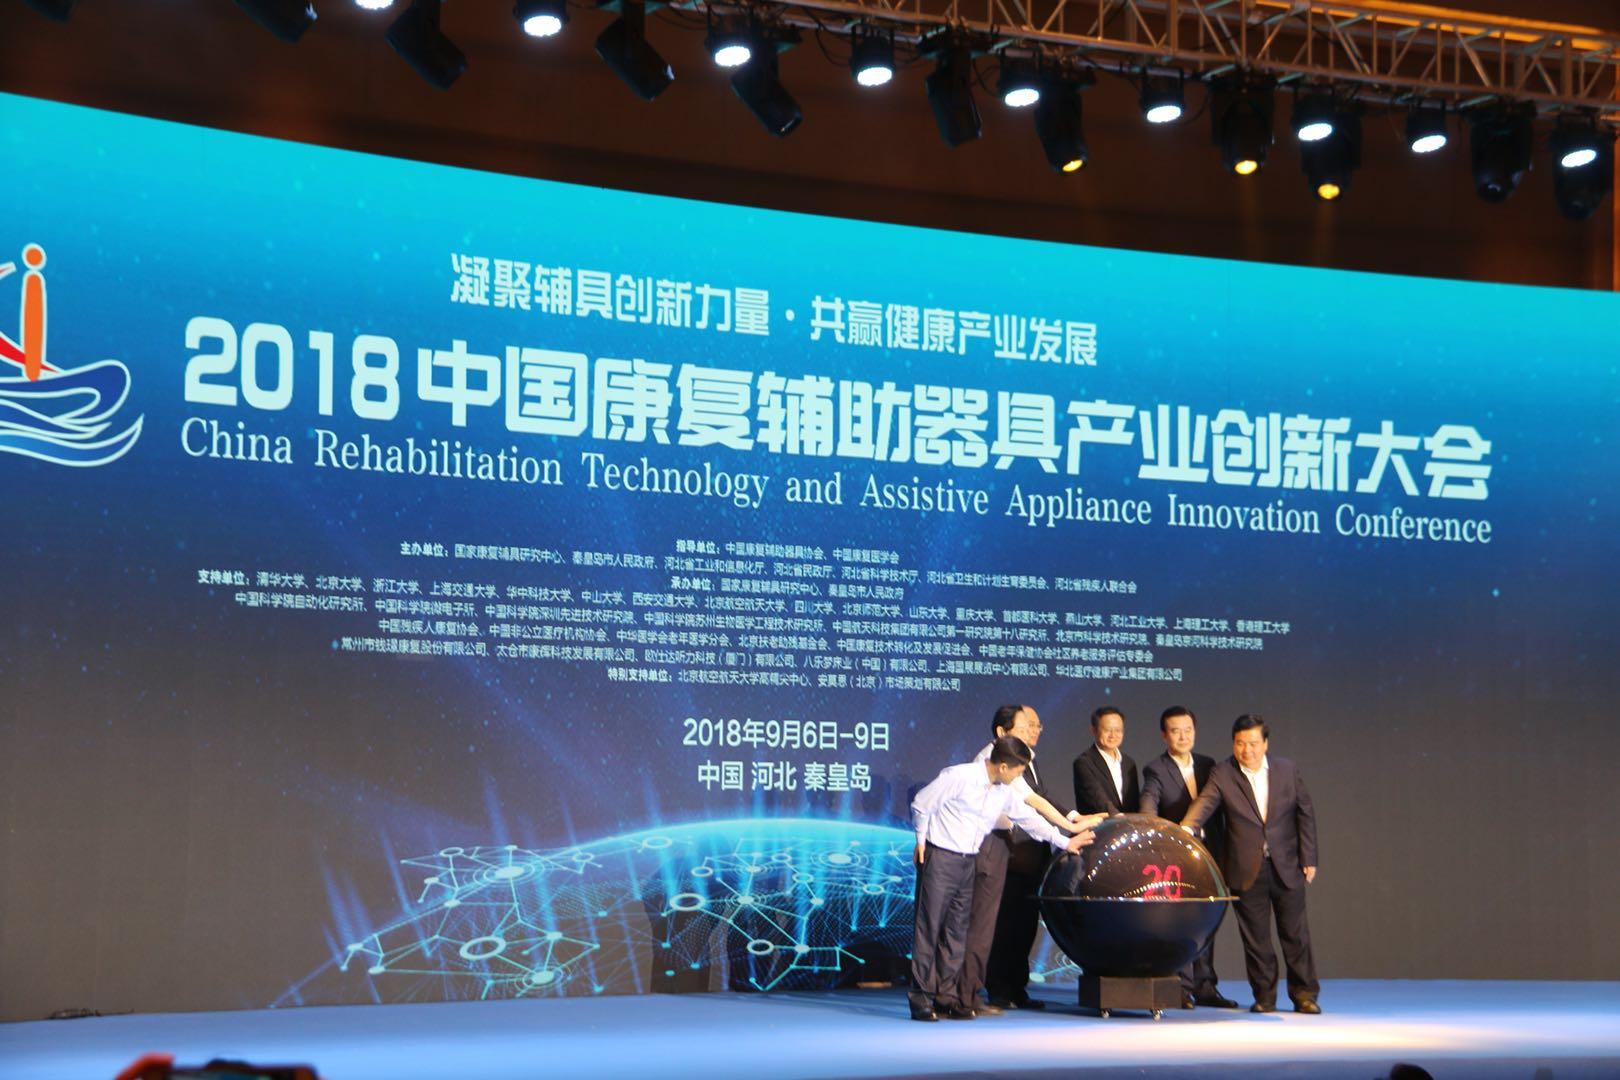 中国康复辅助器具产业创新大会在秦皇岛举行